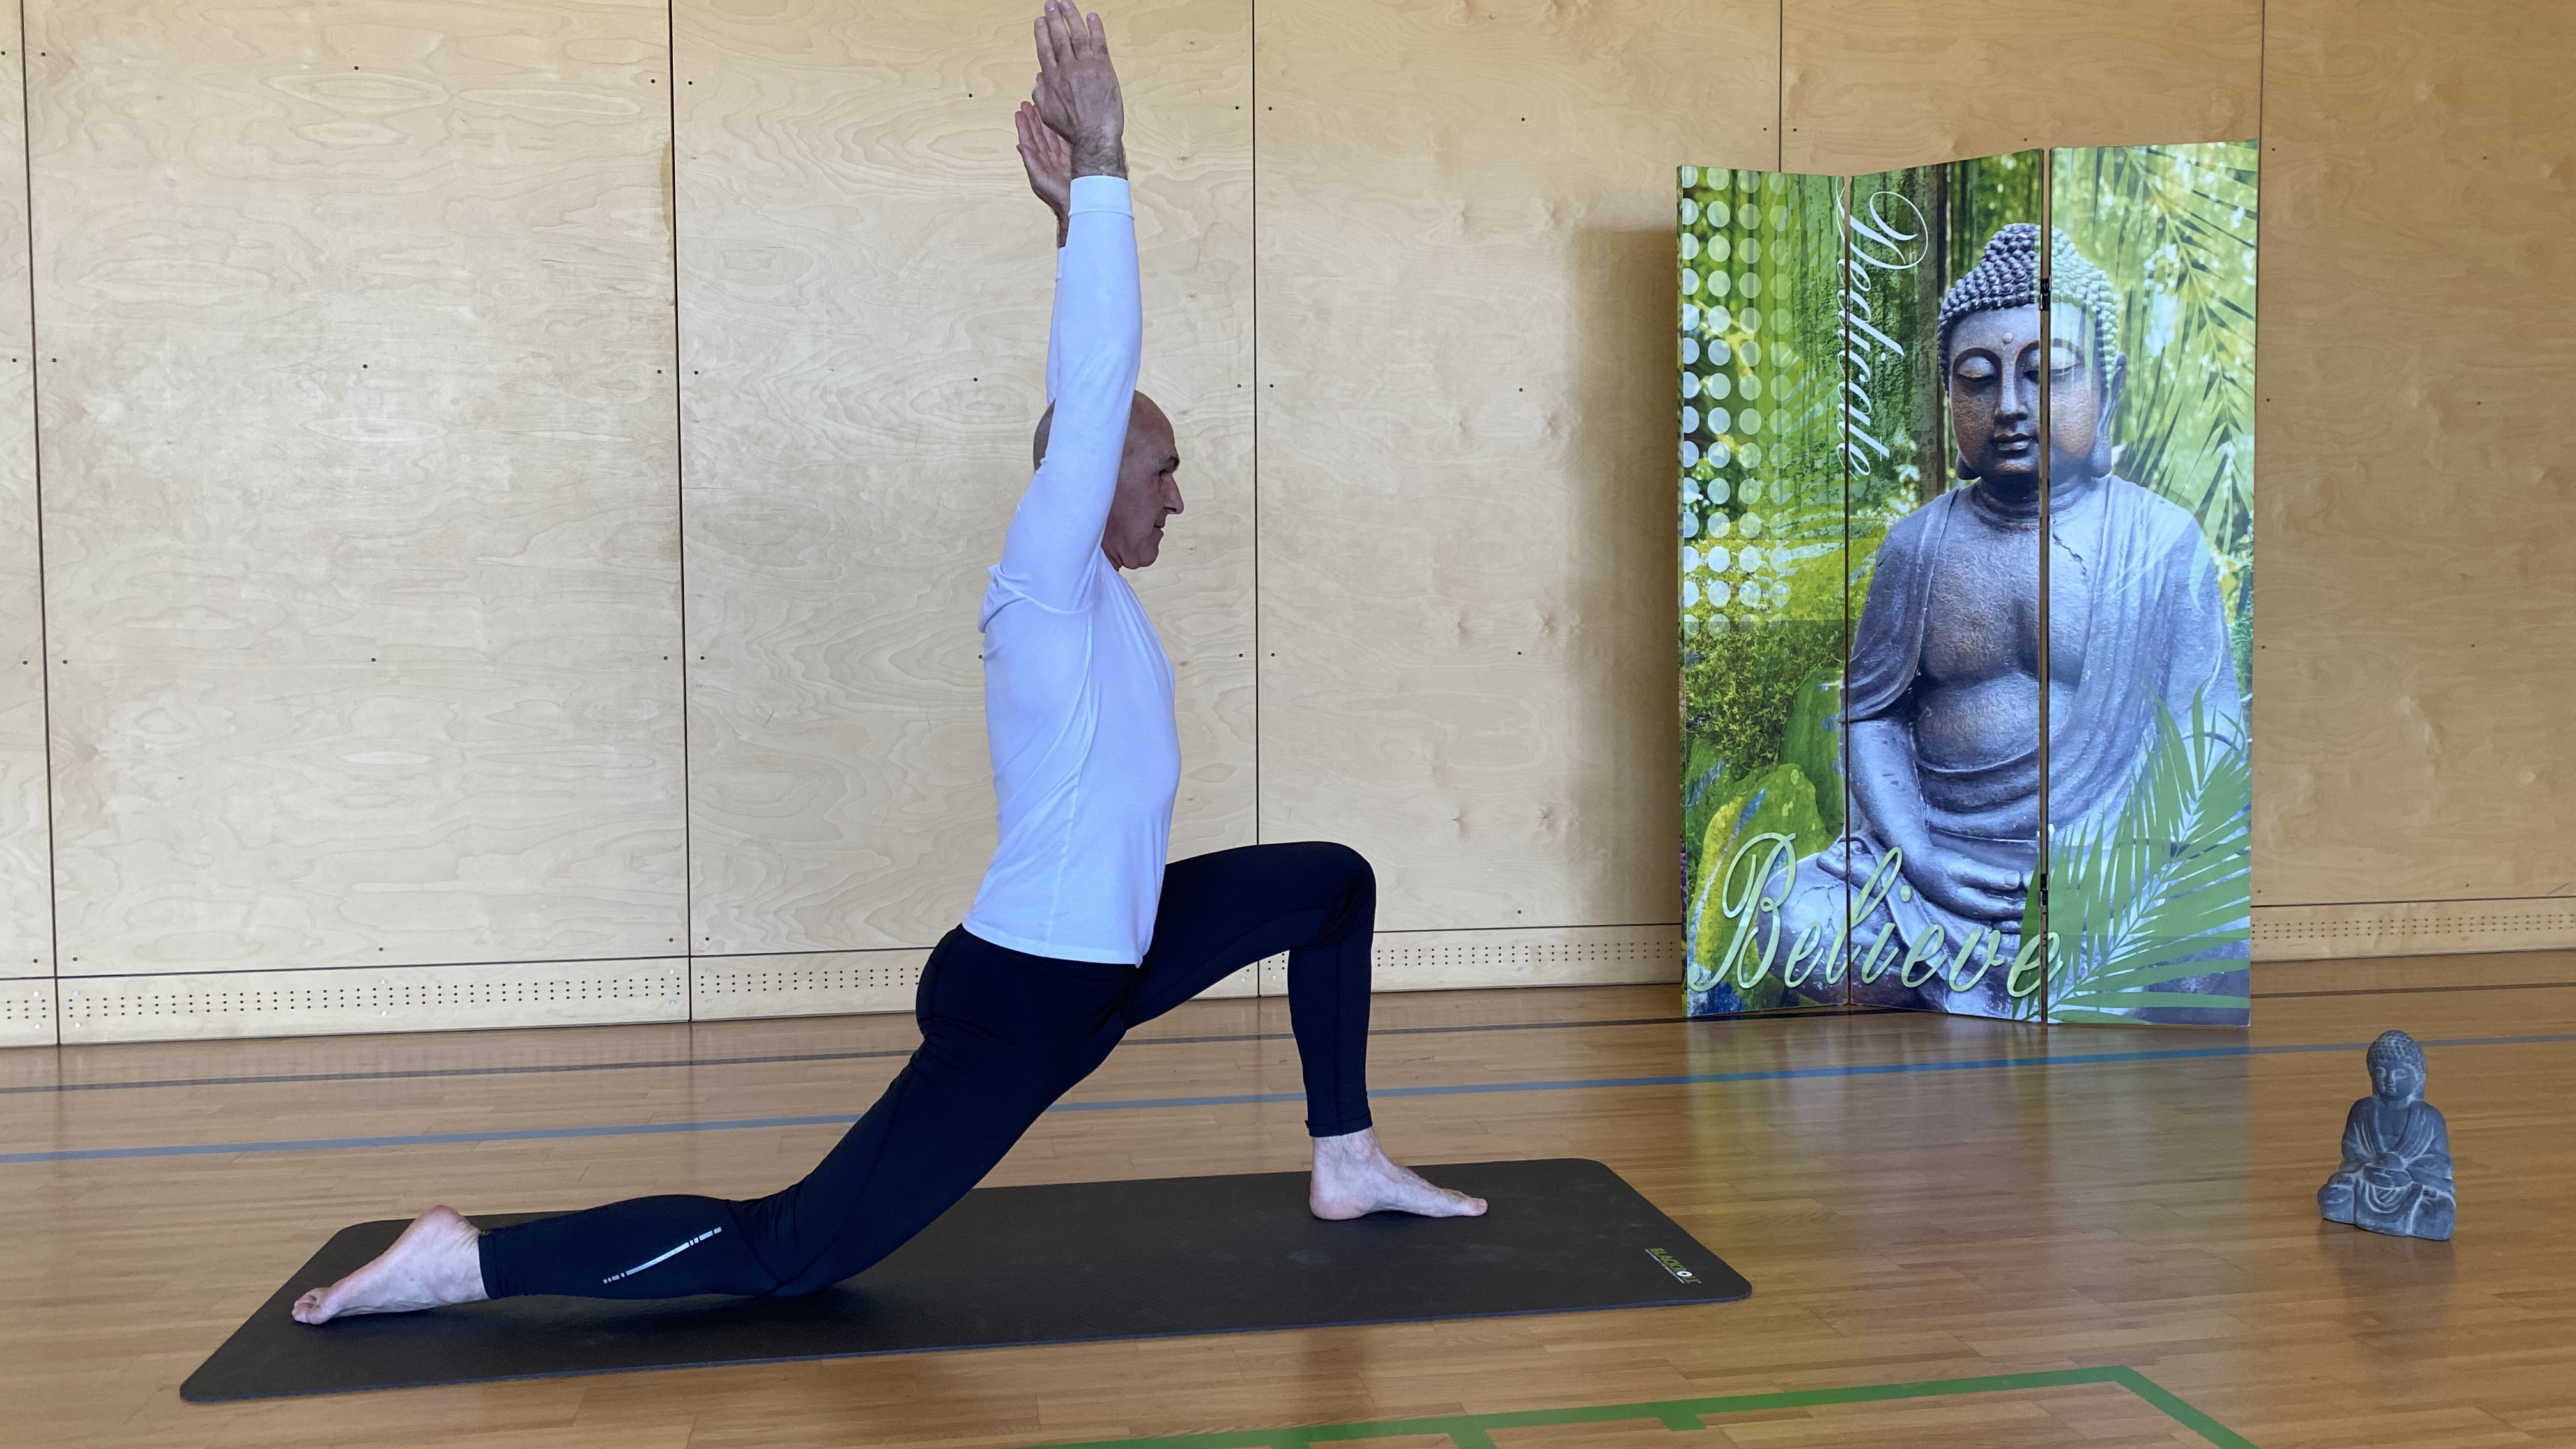 Namaste-Yoga für den aktiven Lifestyle – Ein Interview mit Johannes Gosch